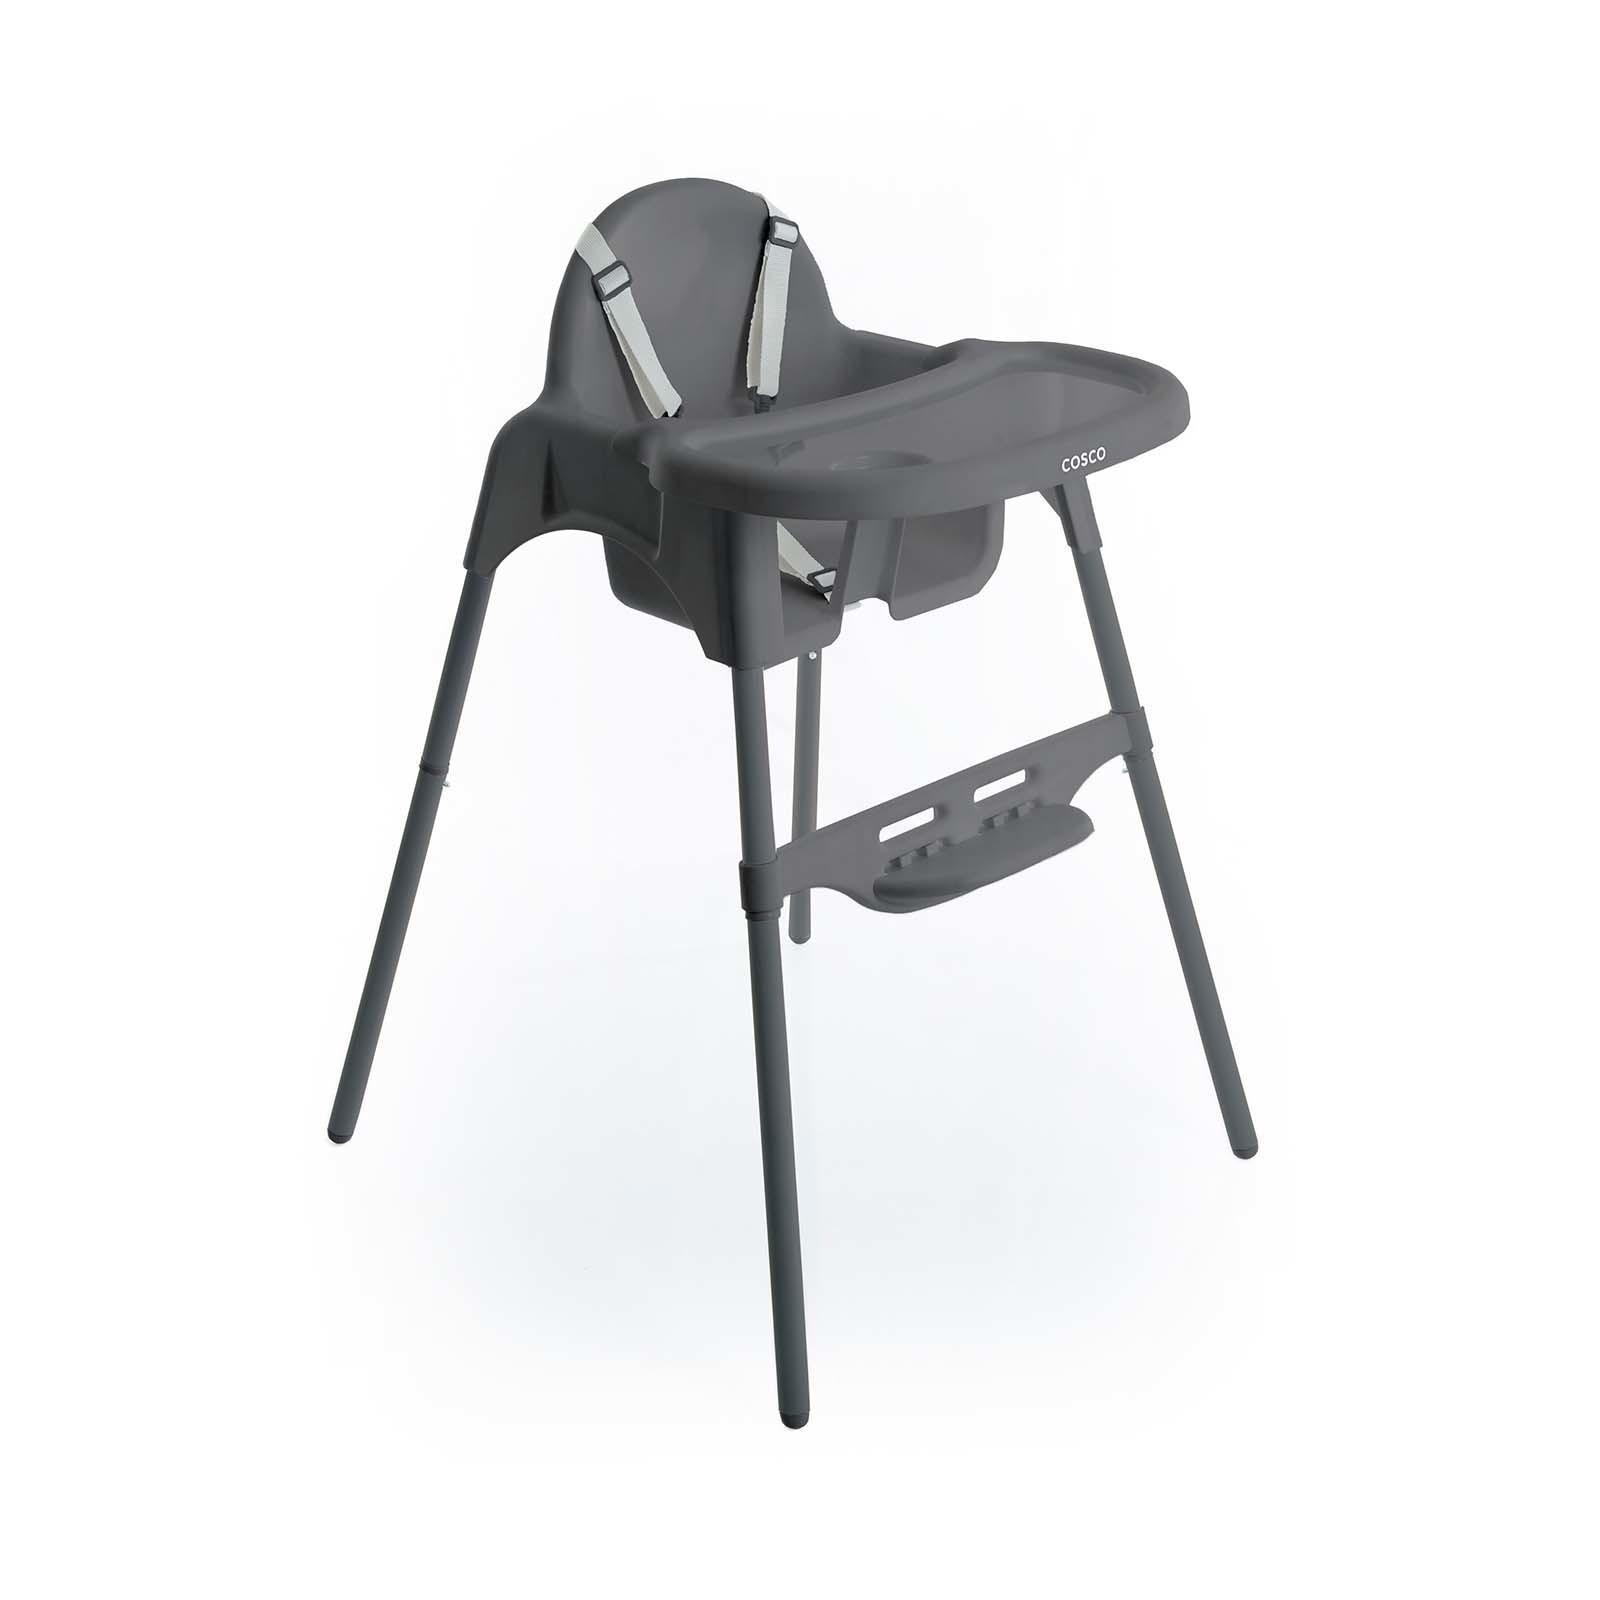 Cadeira de Refeição Cook Cinza - Cosco